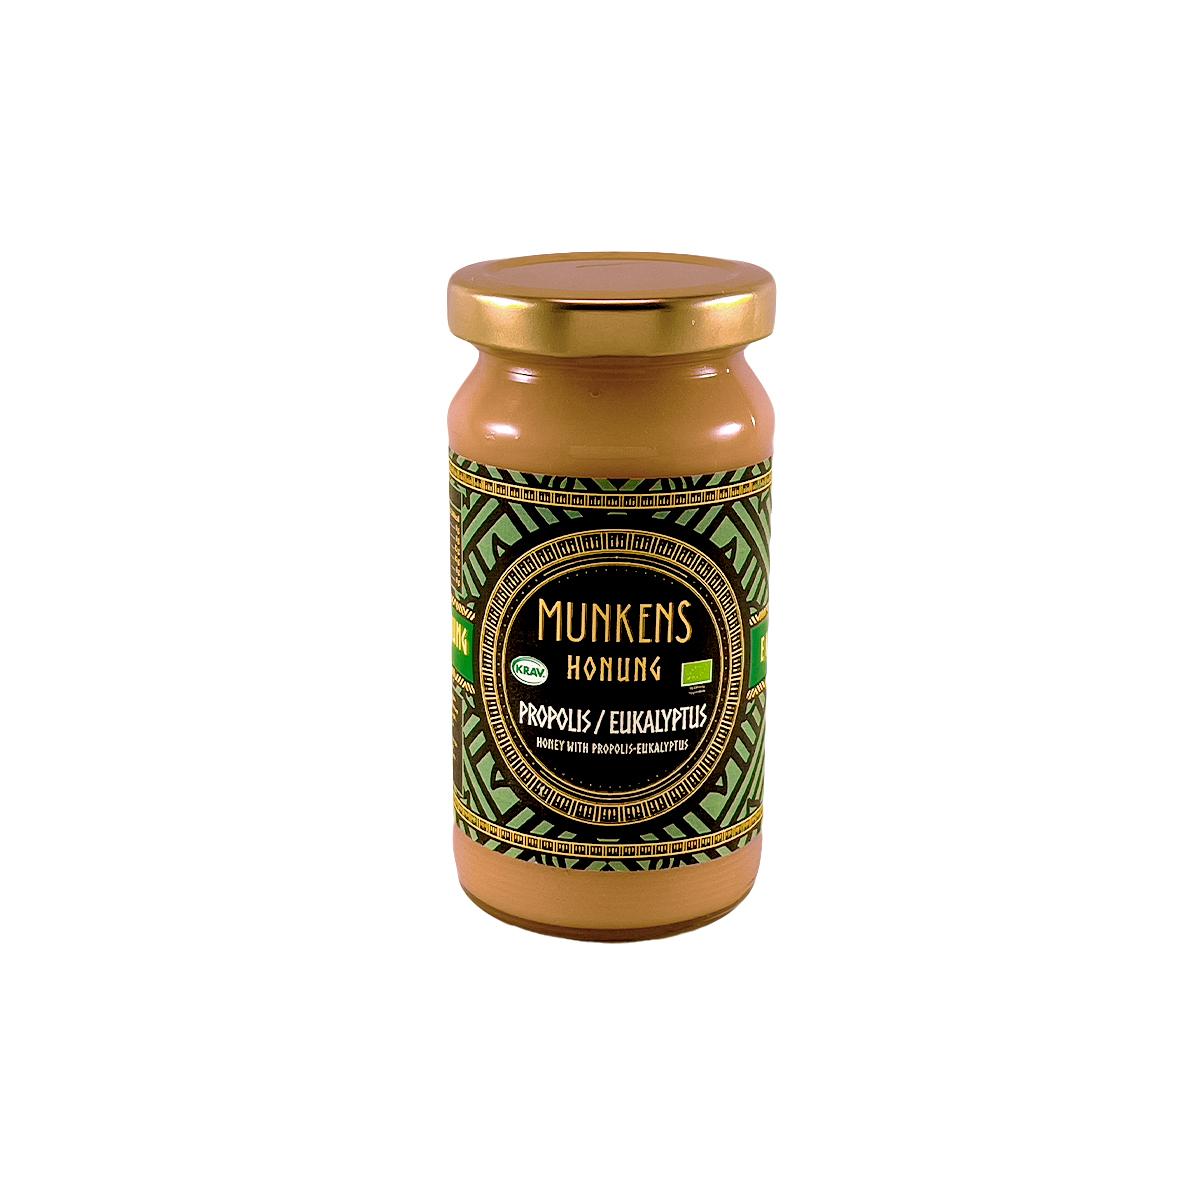 Munkens Honung – Kallrörd:Rå:Raw – Propolis & Eukalyptus